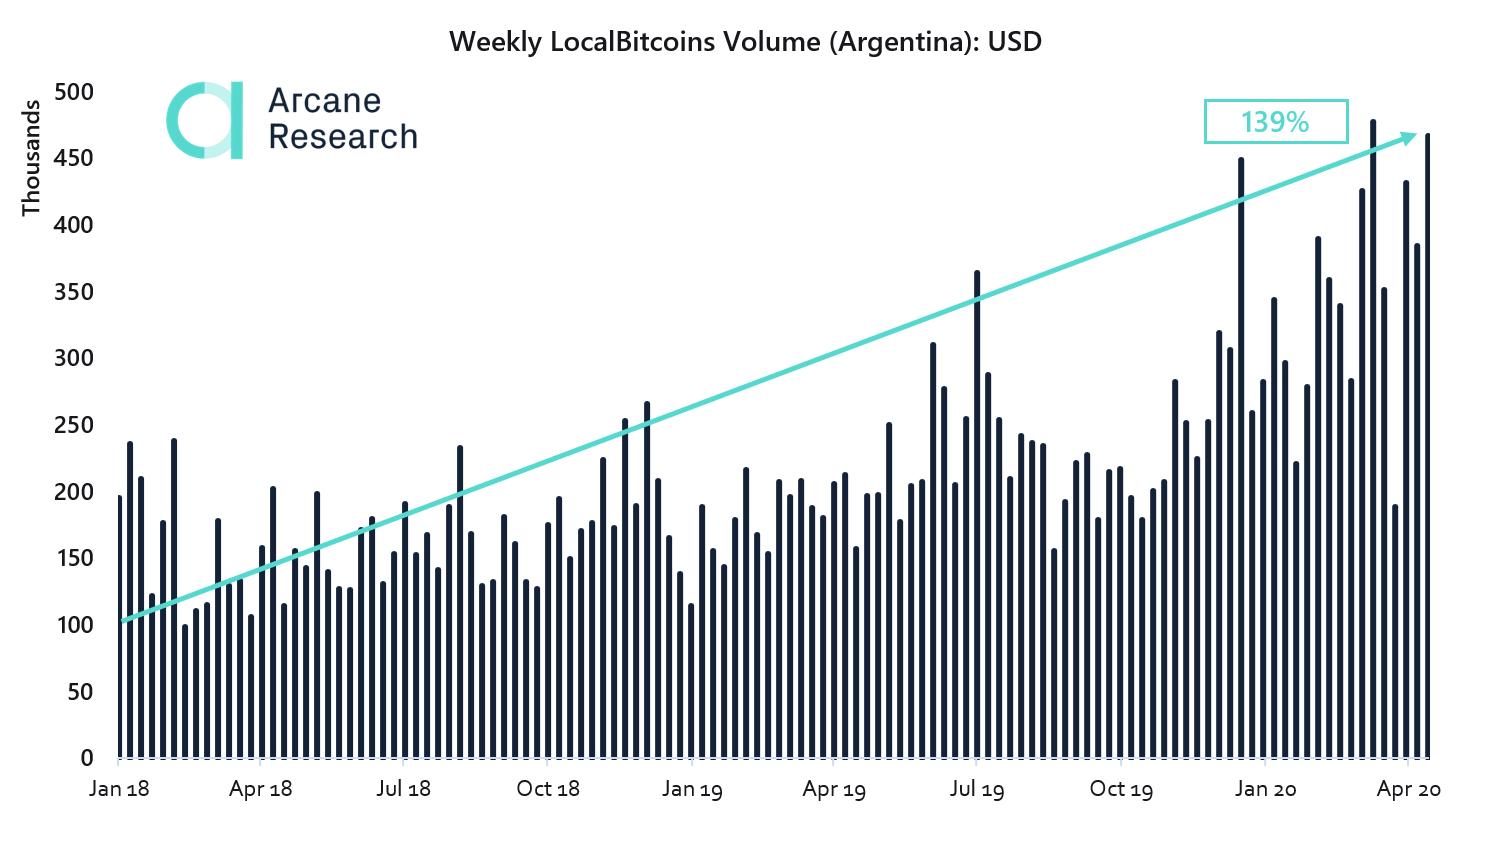 Volume semanal de bitcoins em USD na Argentina